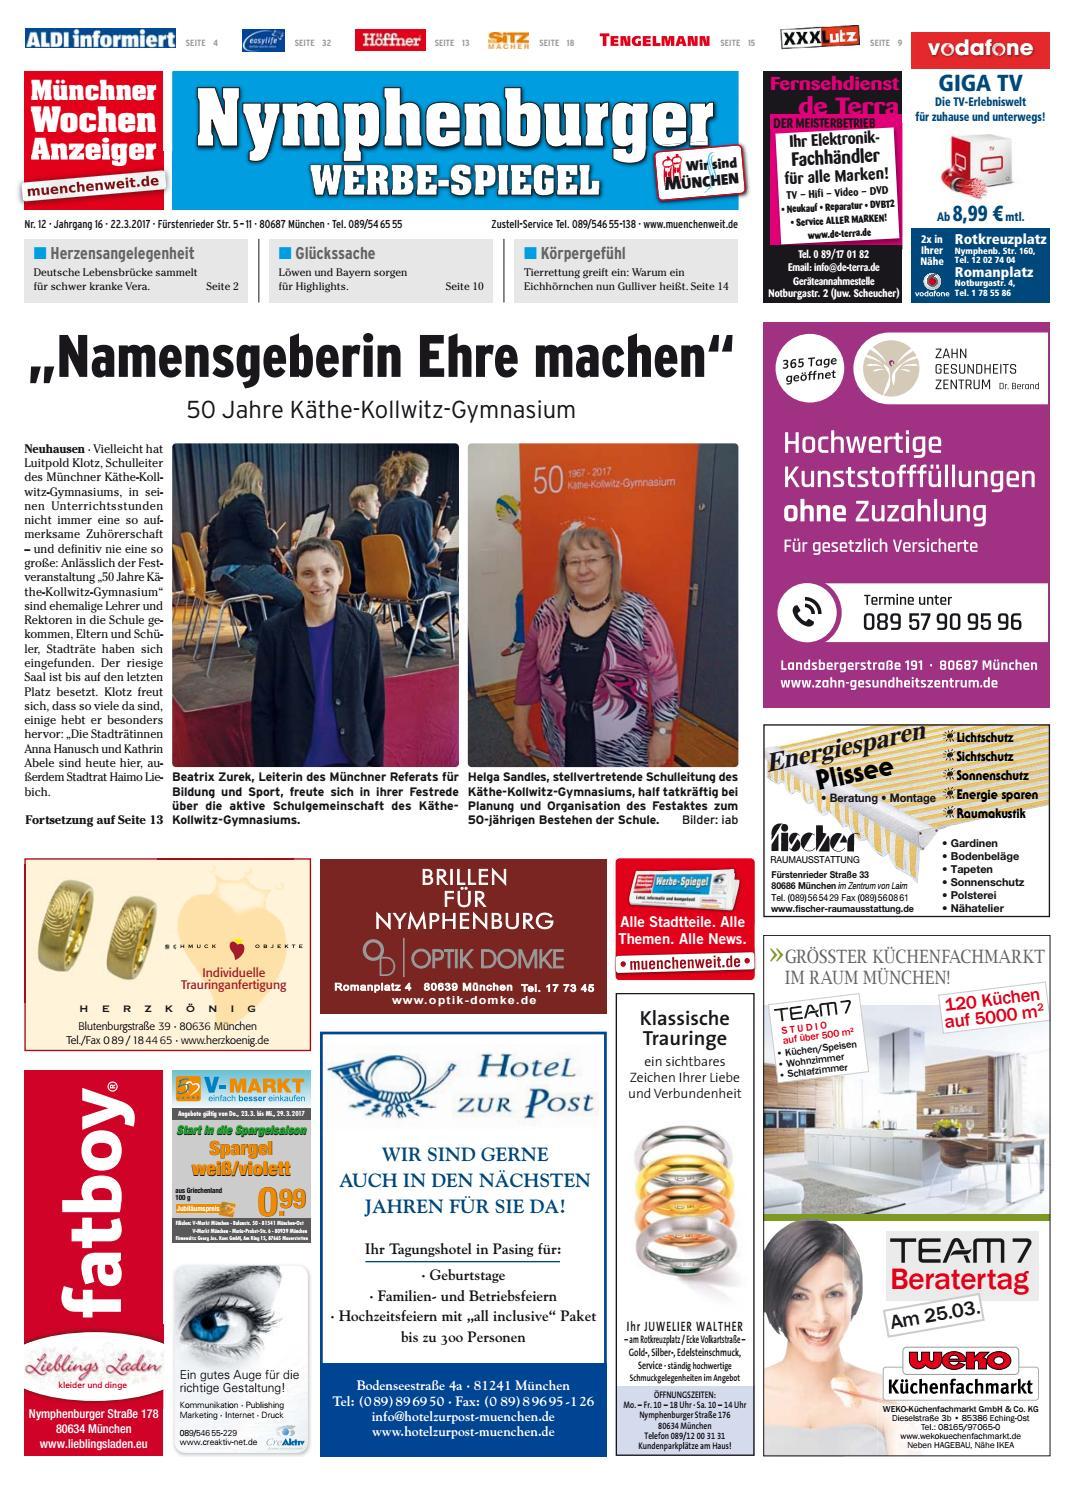 Der Sitzmacher kw 12 2017 by wochenanzeiger medien gmbh issuu